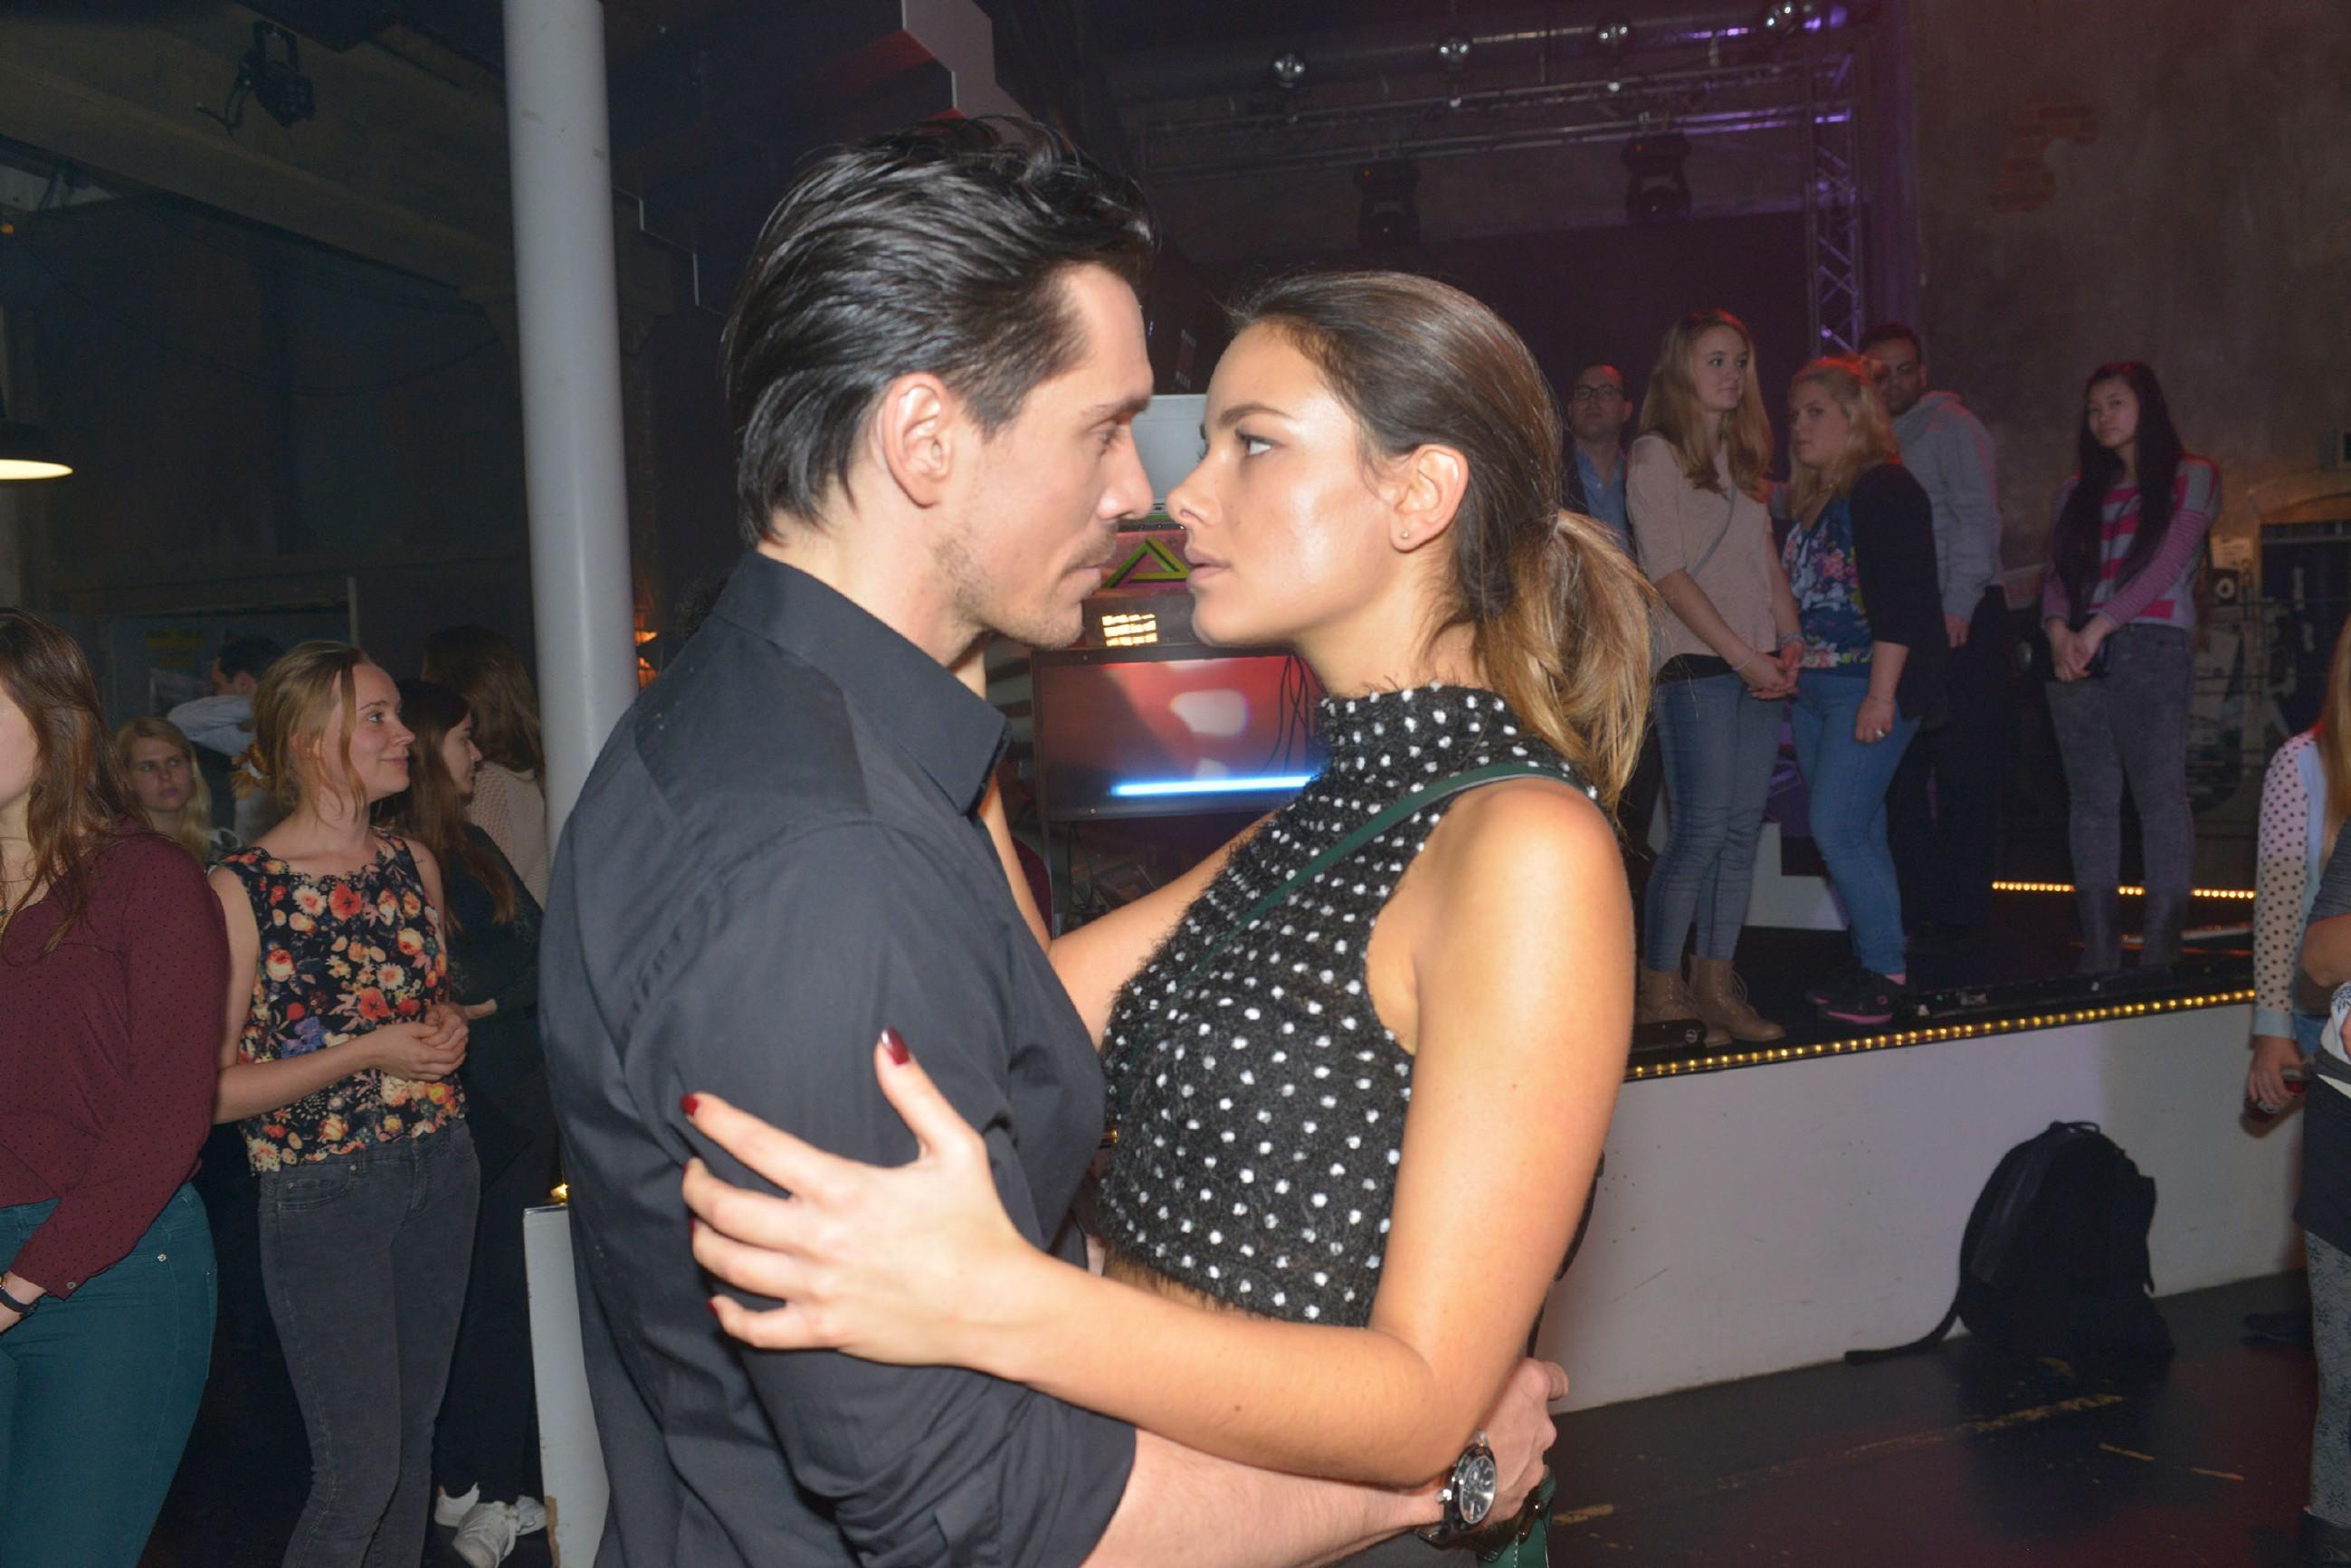 In ihrer Verzweiflung sucht Jasmin (Janina Uhse) augerechnet bei David (Philipp Christopher) Ablenkung... (Quelle: RTL / Rolf Baumgartner)